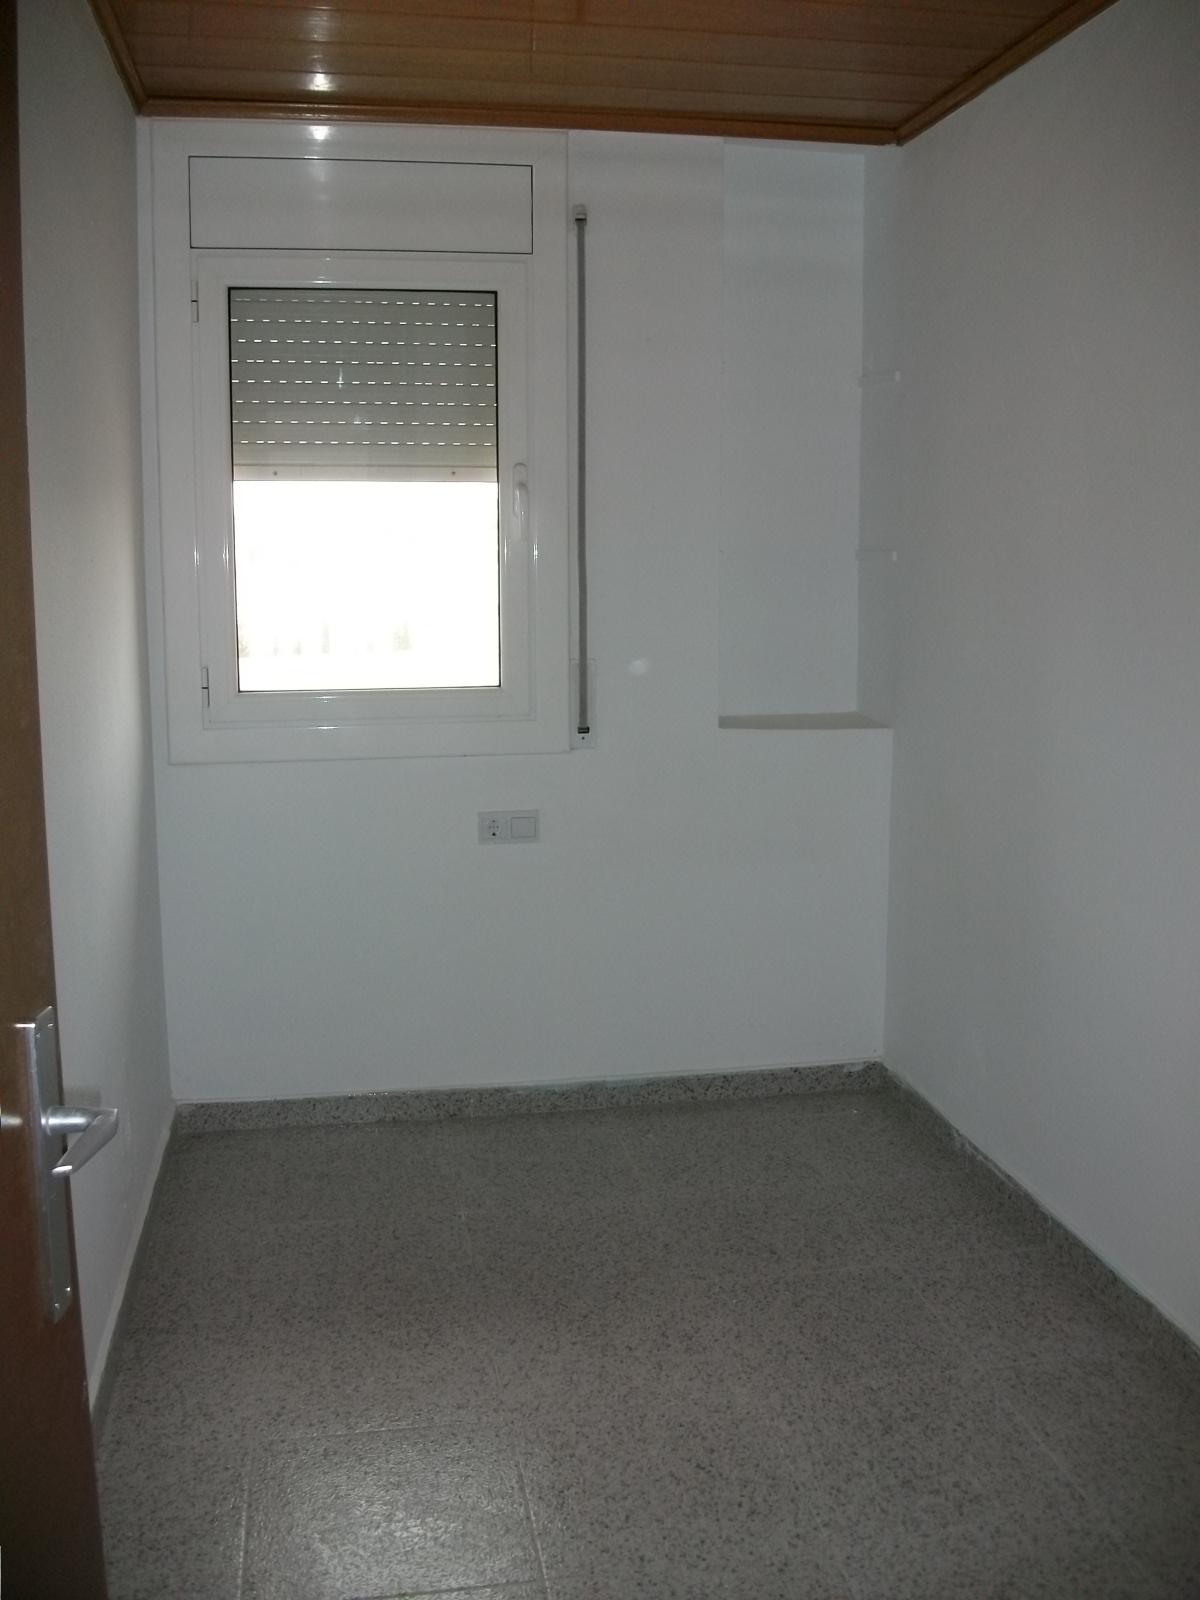 Piso en venta en Piso en Navàs, Barcelona, 95.000 €, 3 habitaciones, 1 baño, 84 m2, Garaje